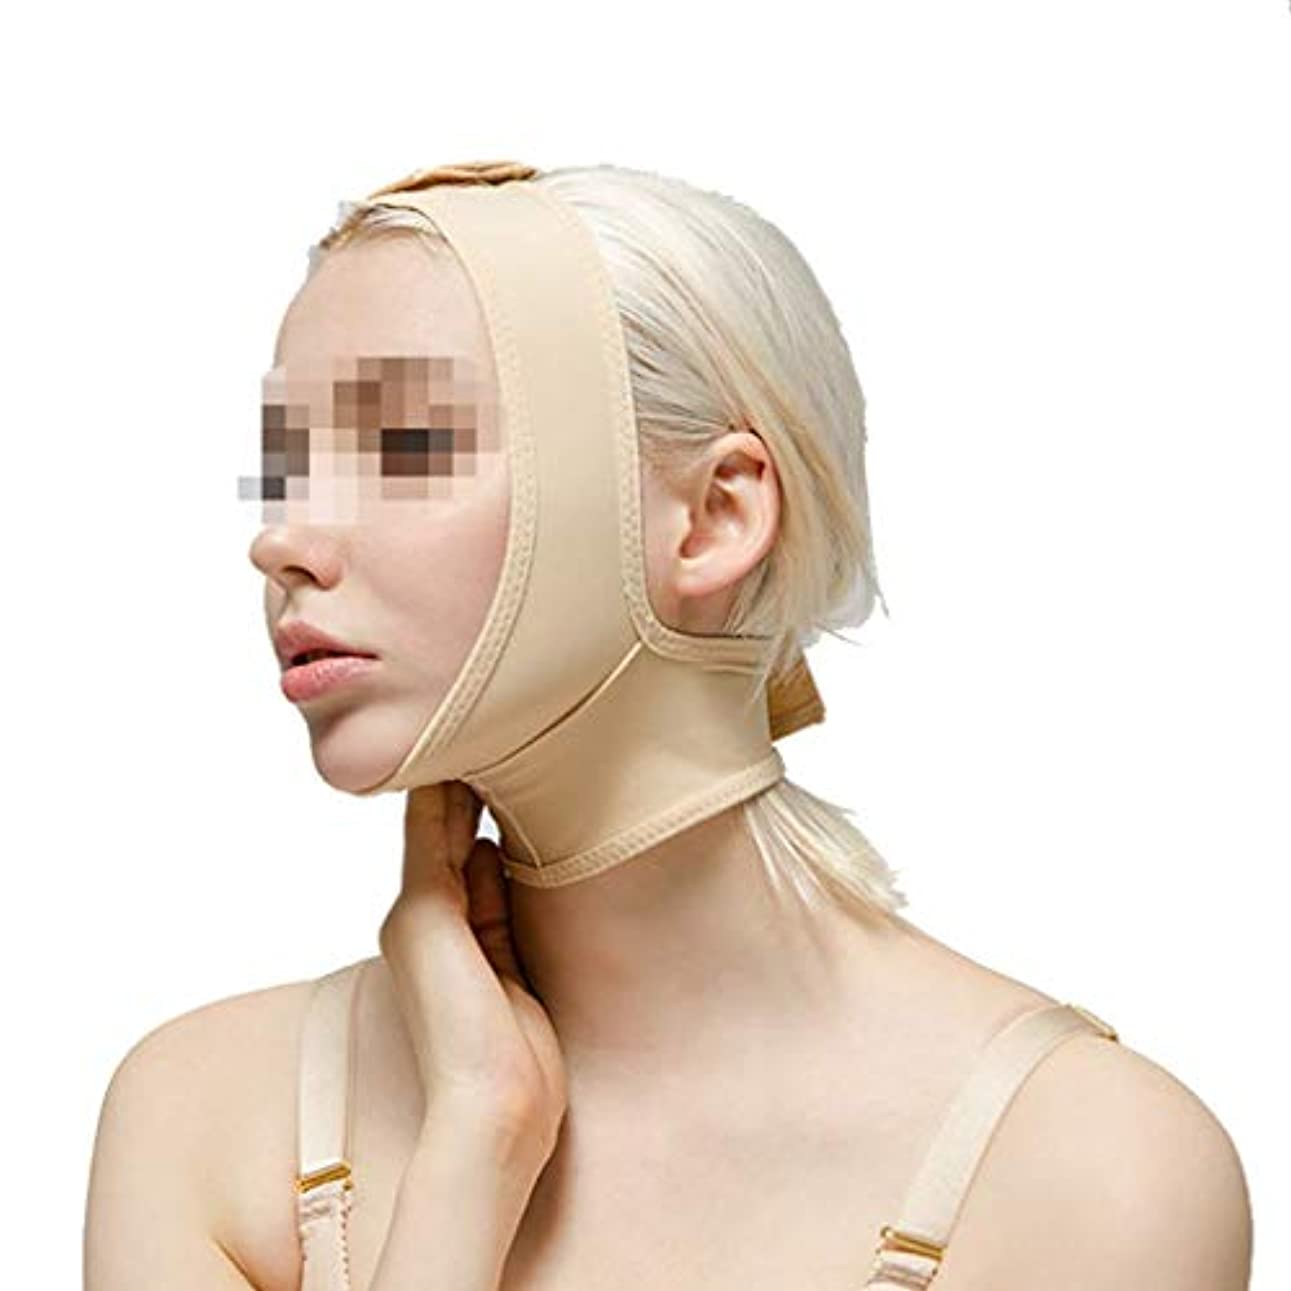 歯同等の欠陥術後伸縮性スリーブ、下顎束フェイスバンデージフェイシャルビームダブルチンシンフェイスマスクマルチサイズオプション(サイズ:L),XL